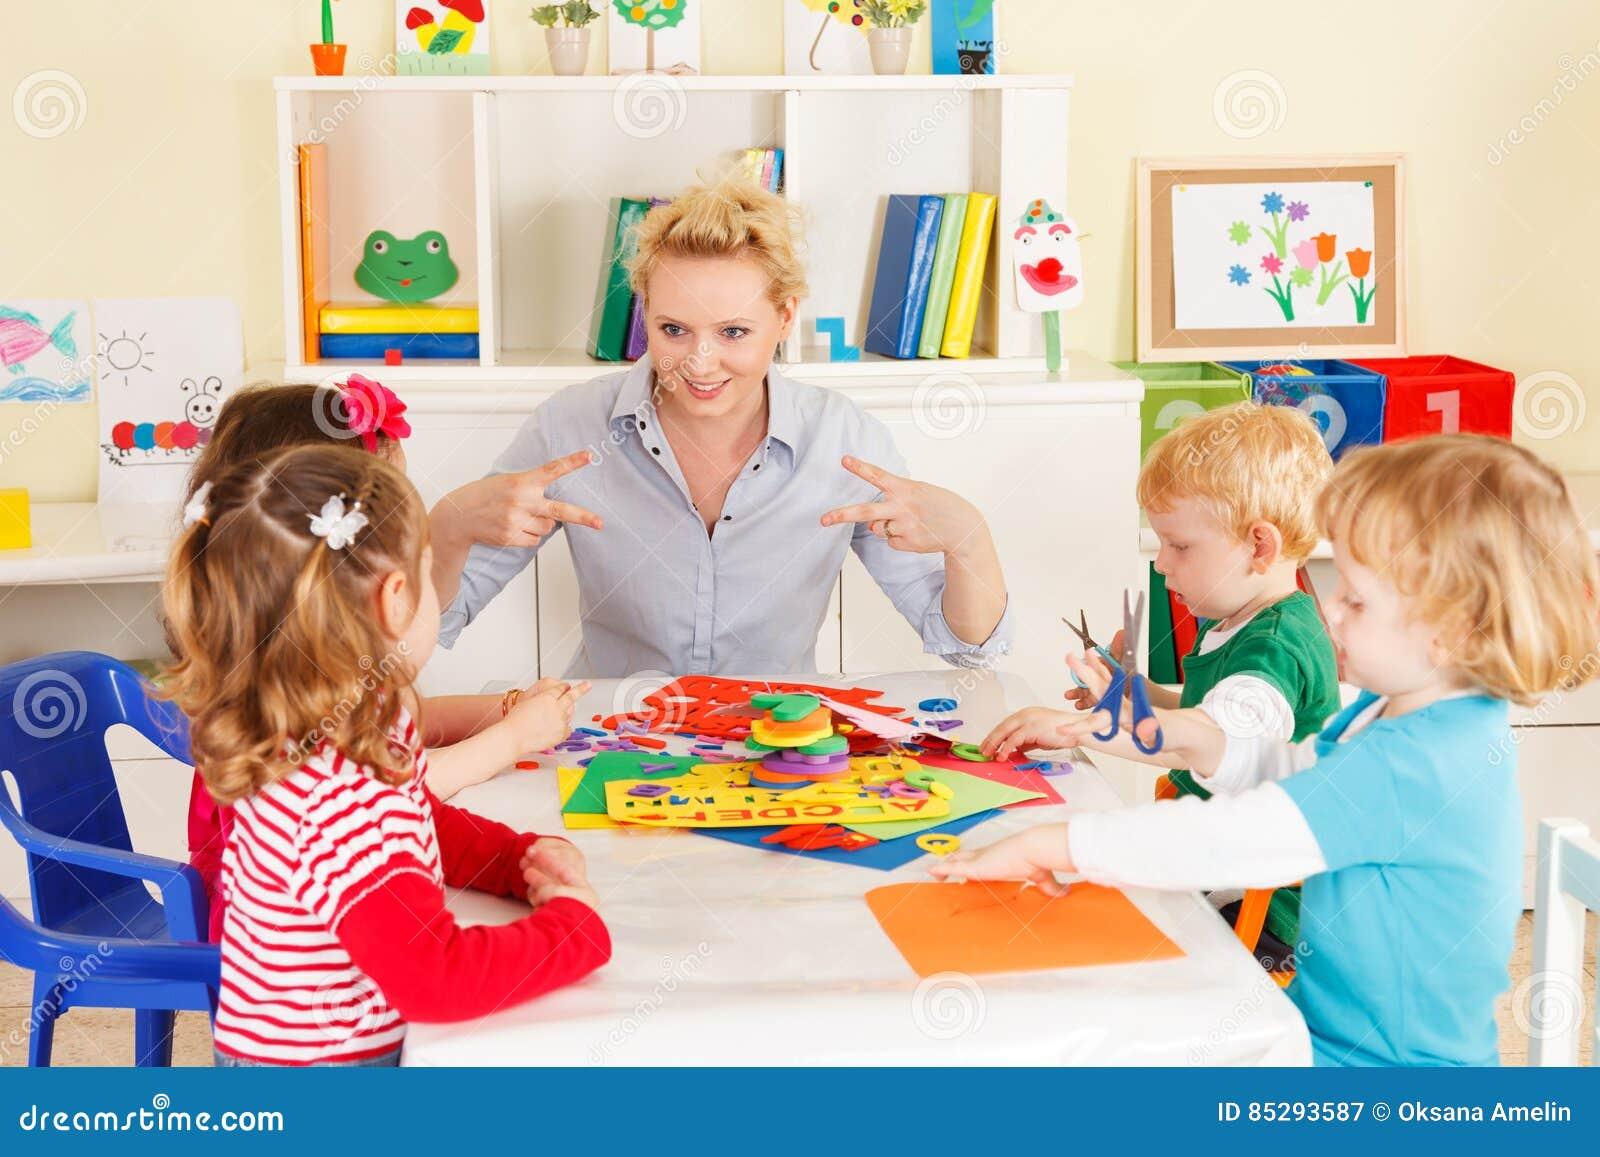 Preschoolers with the teacher